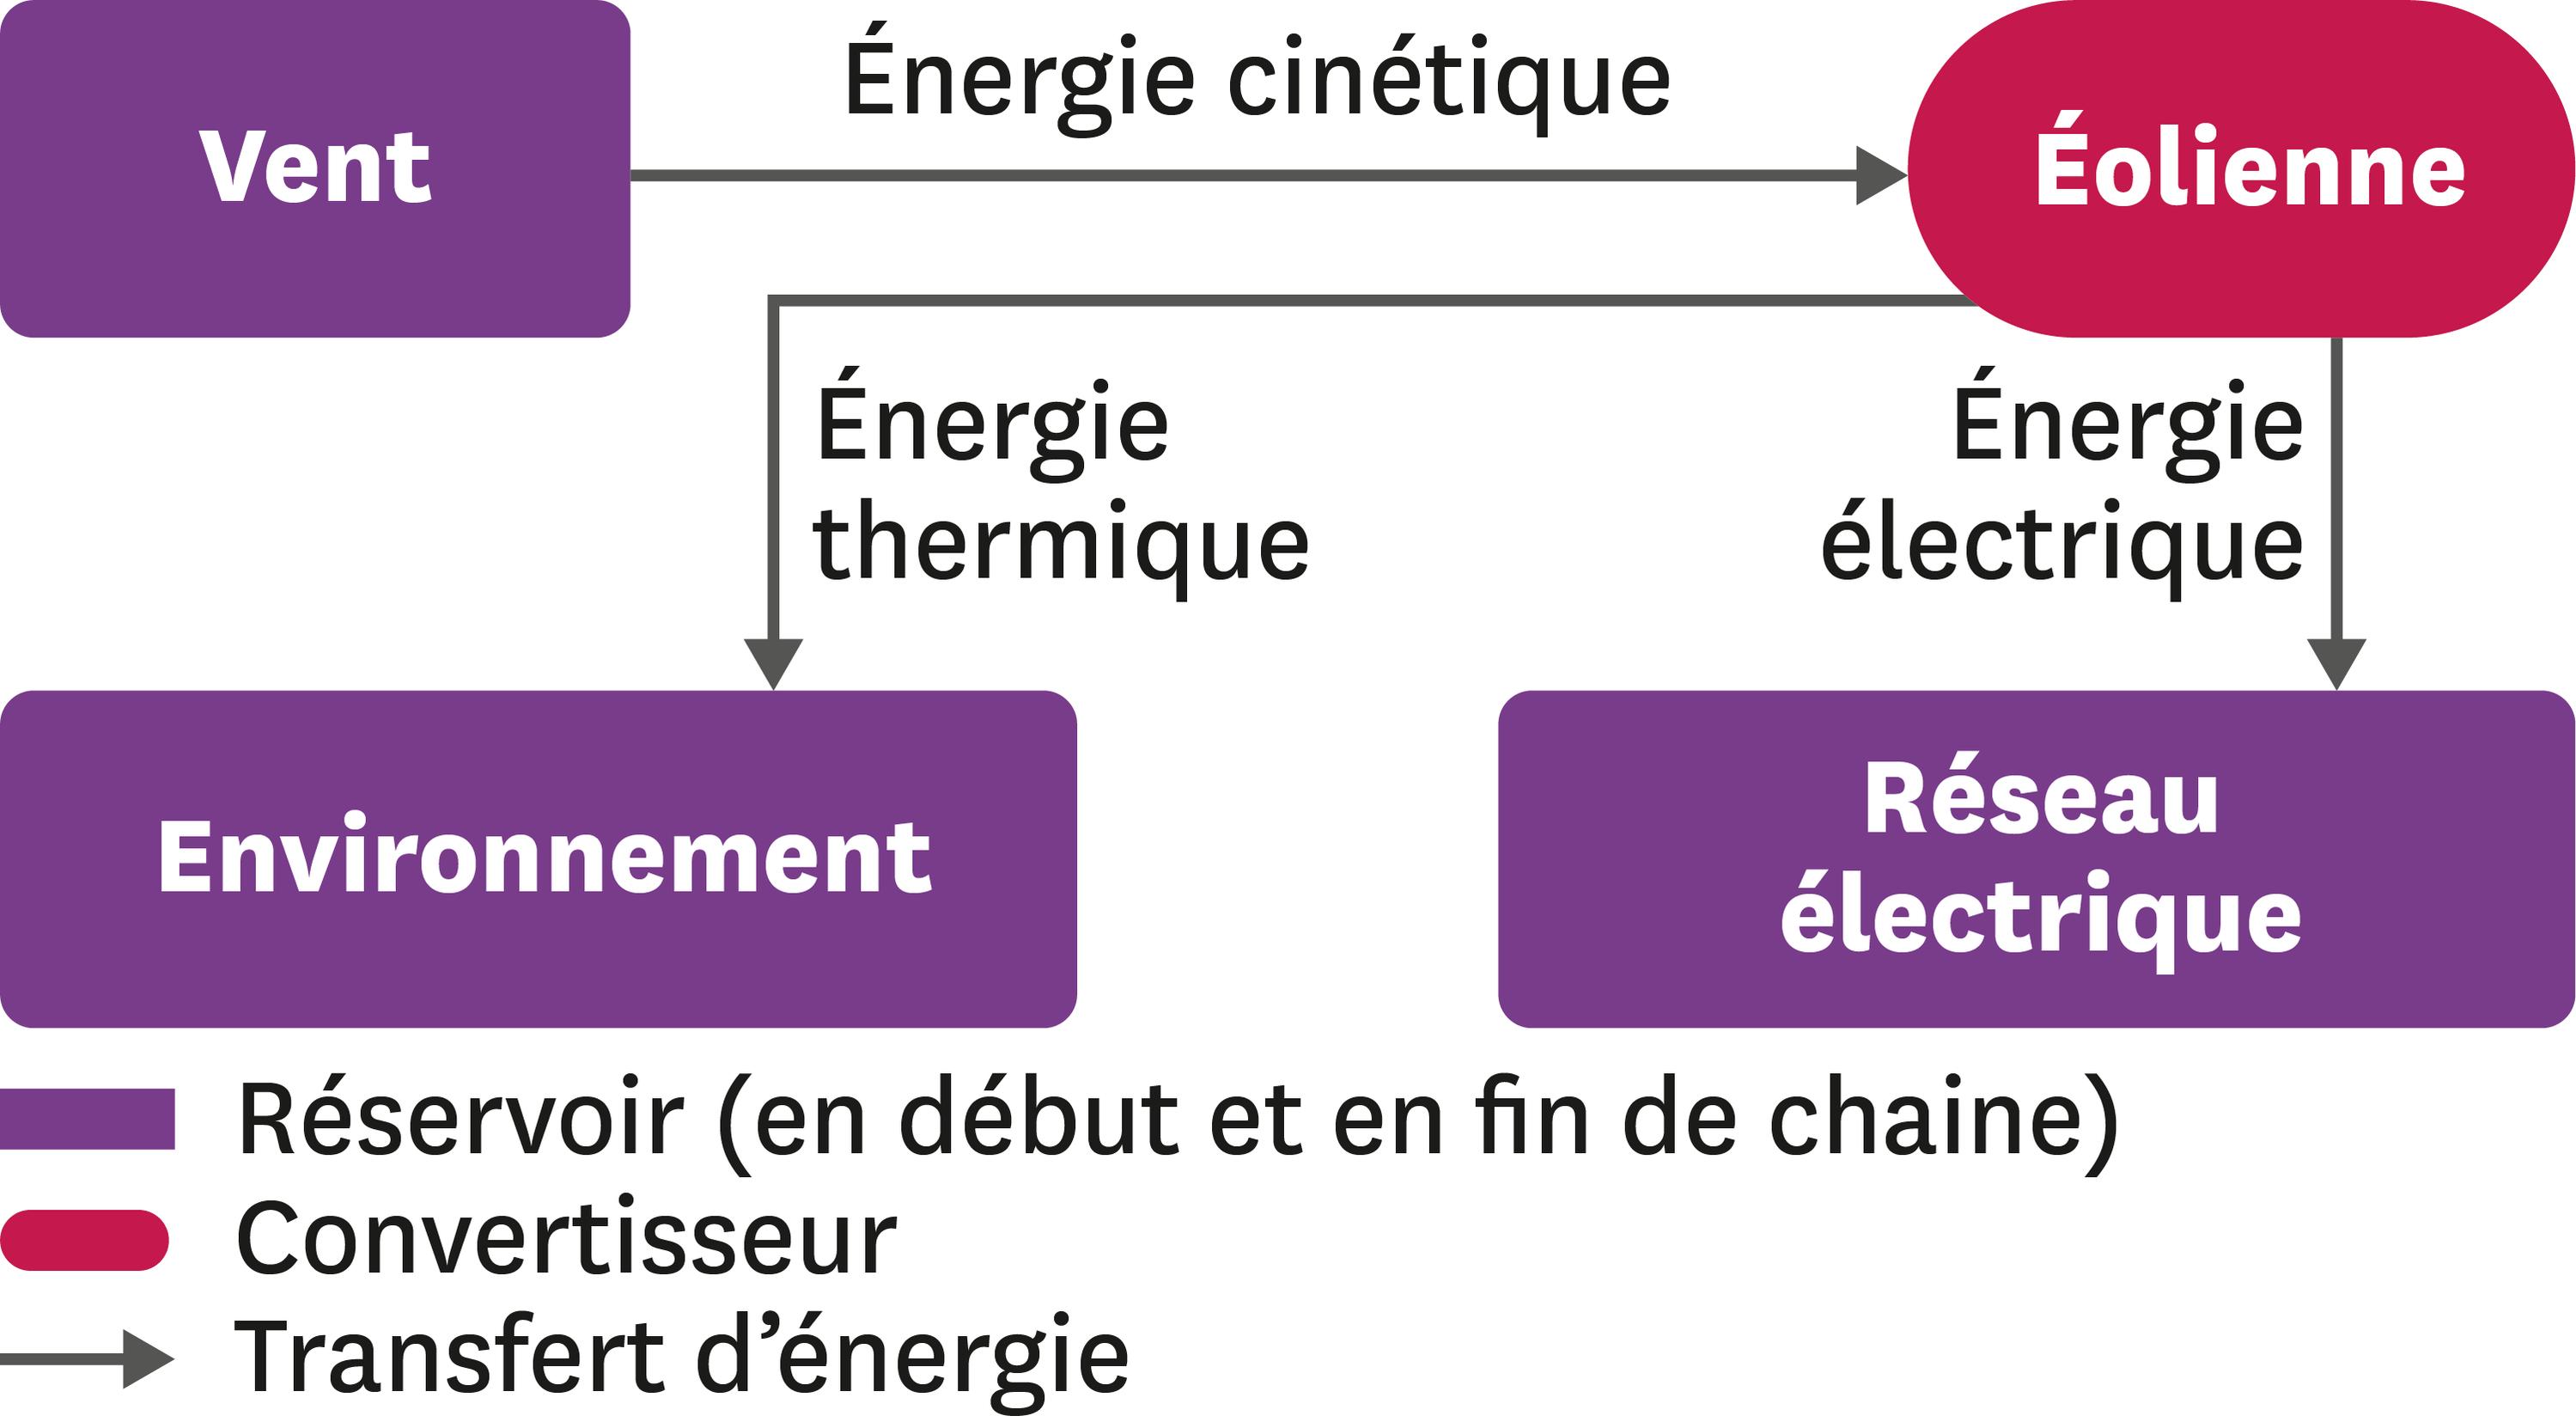 Réalisation d'une chaine énergétique.